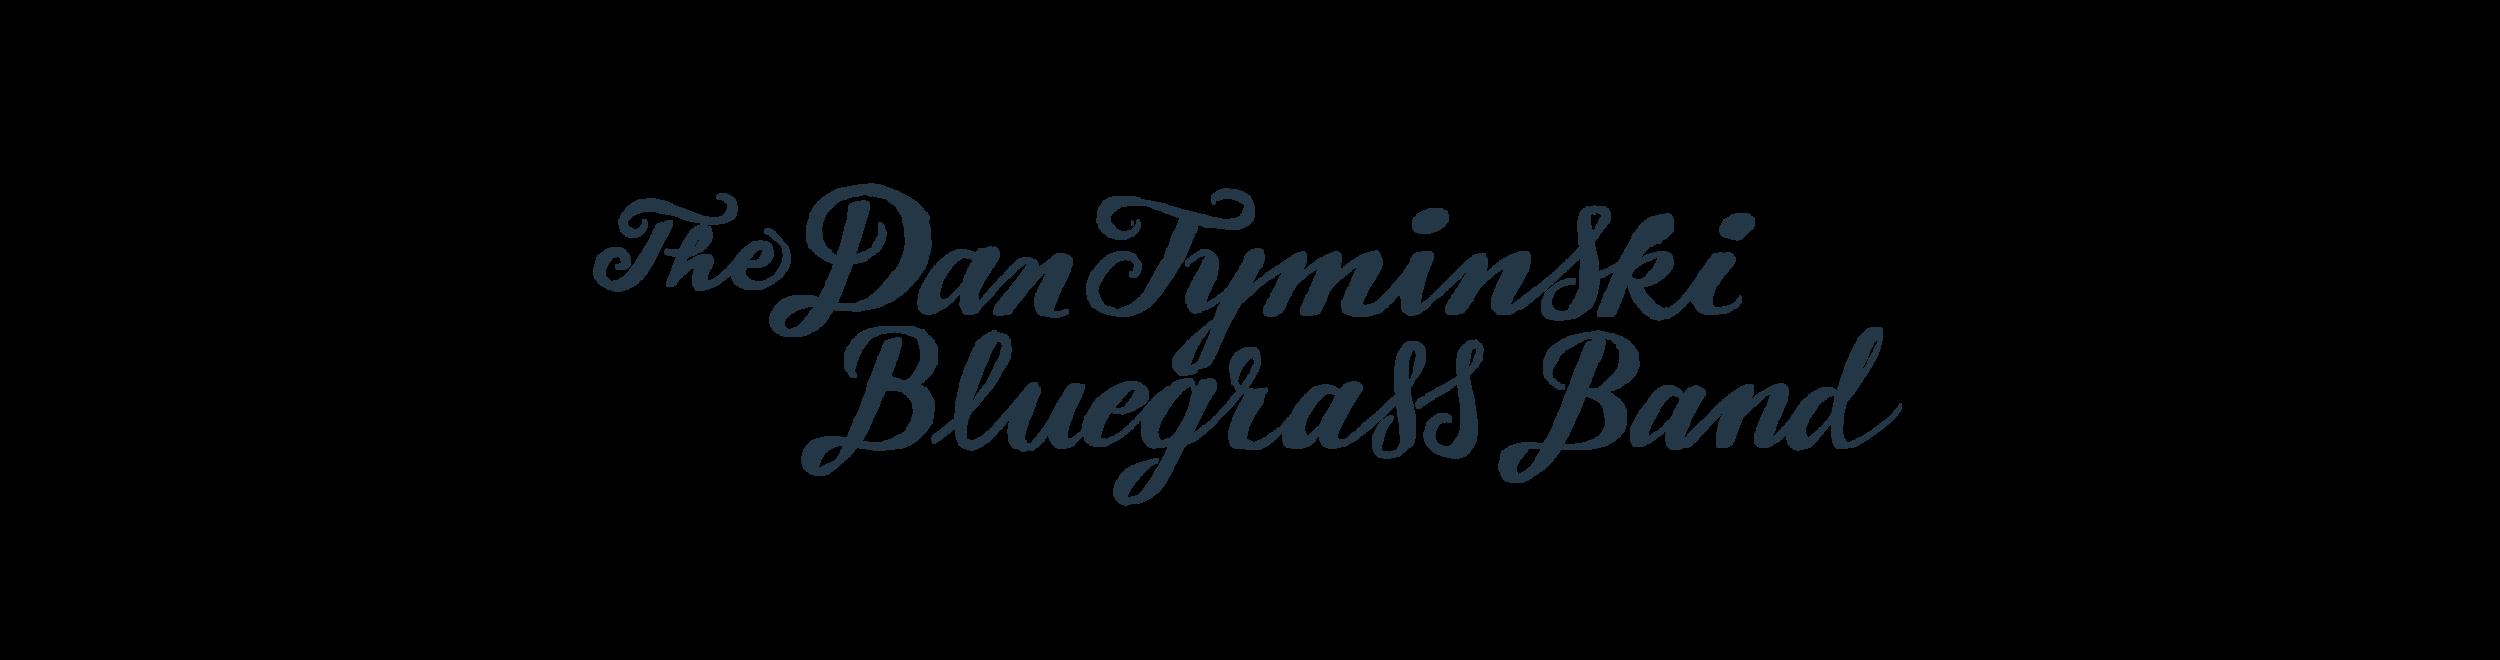 The Dan Tyminski Bluegrass Band